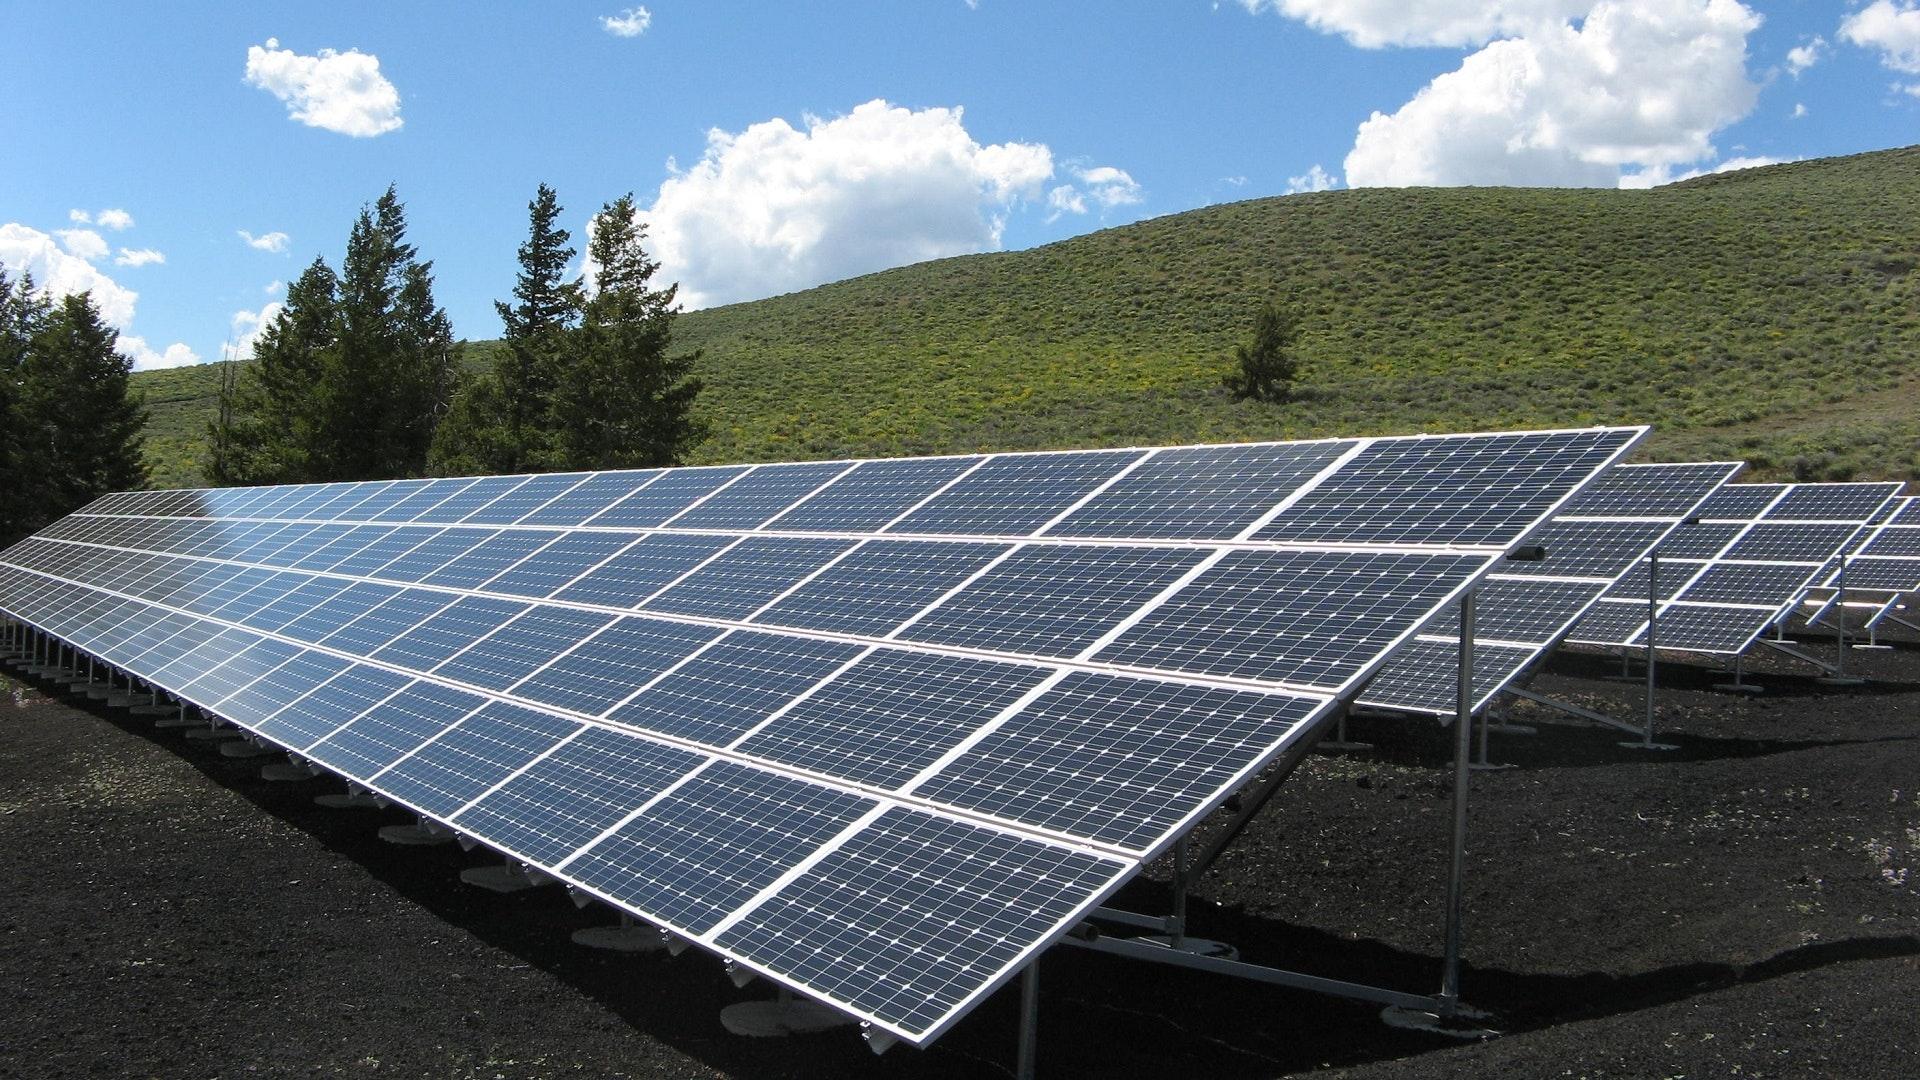 La vente totale de sa production d'énergie solaire permet de gagner d'importants compléments de revenus.